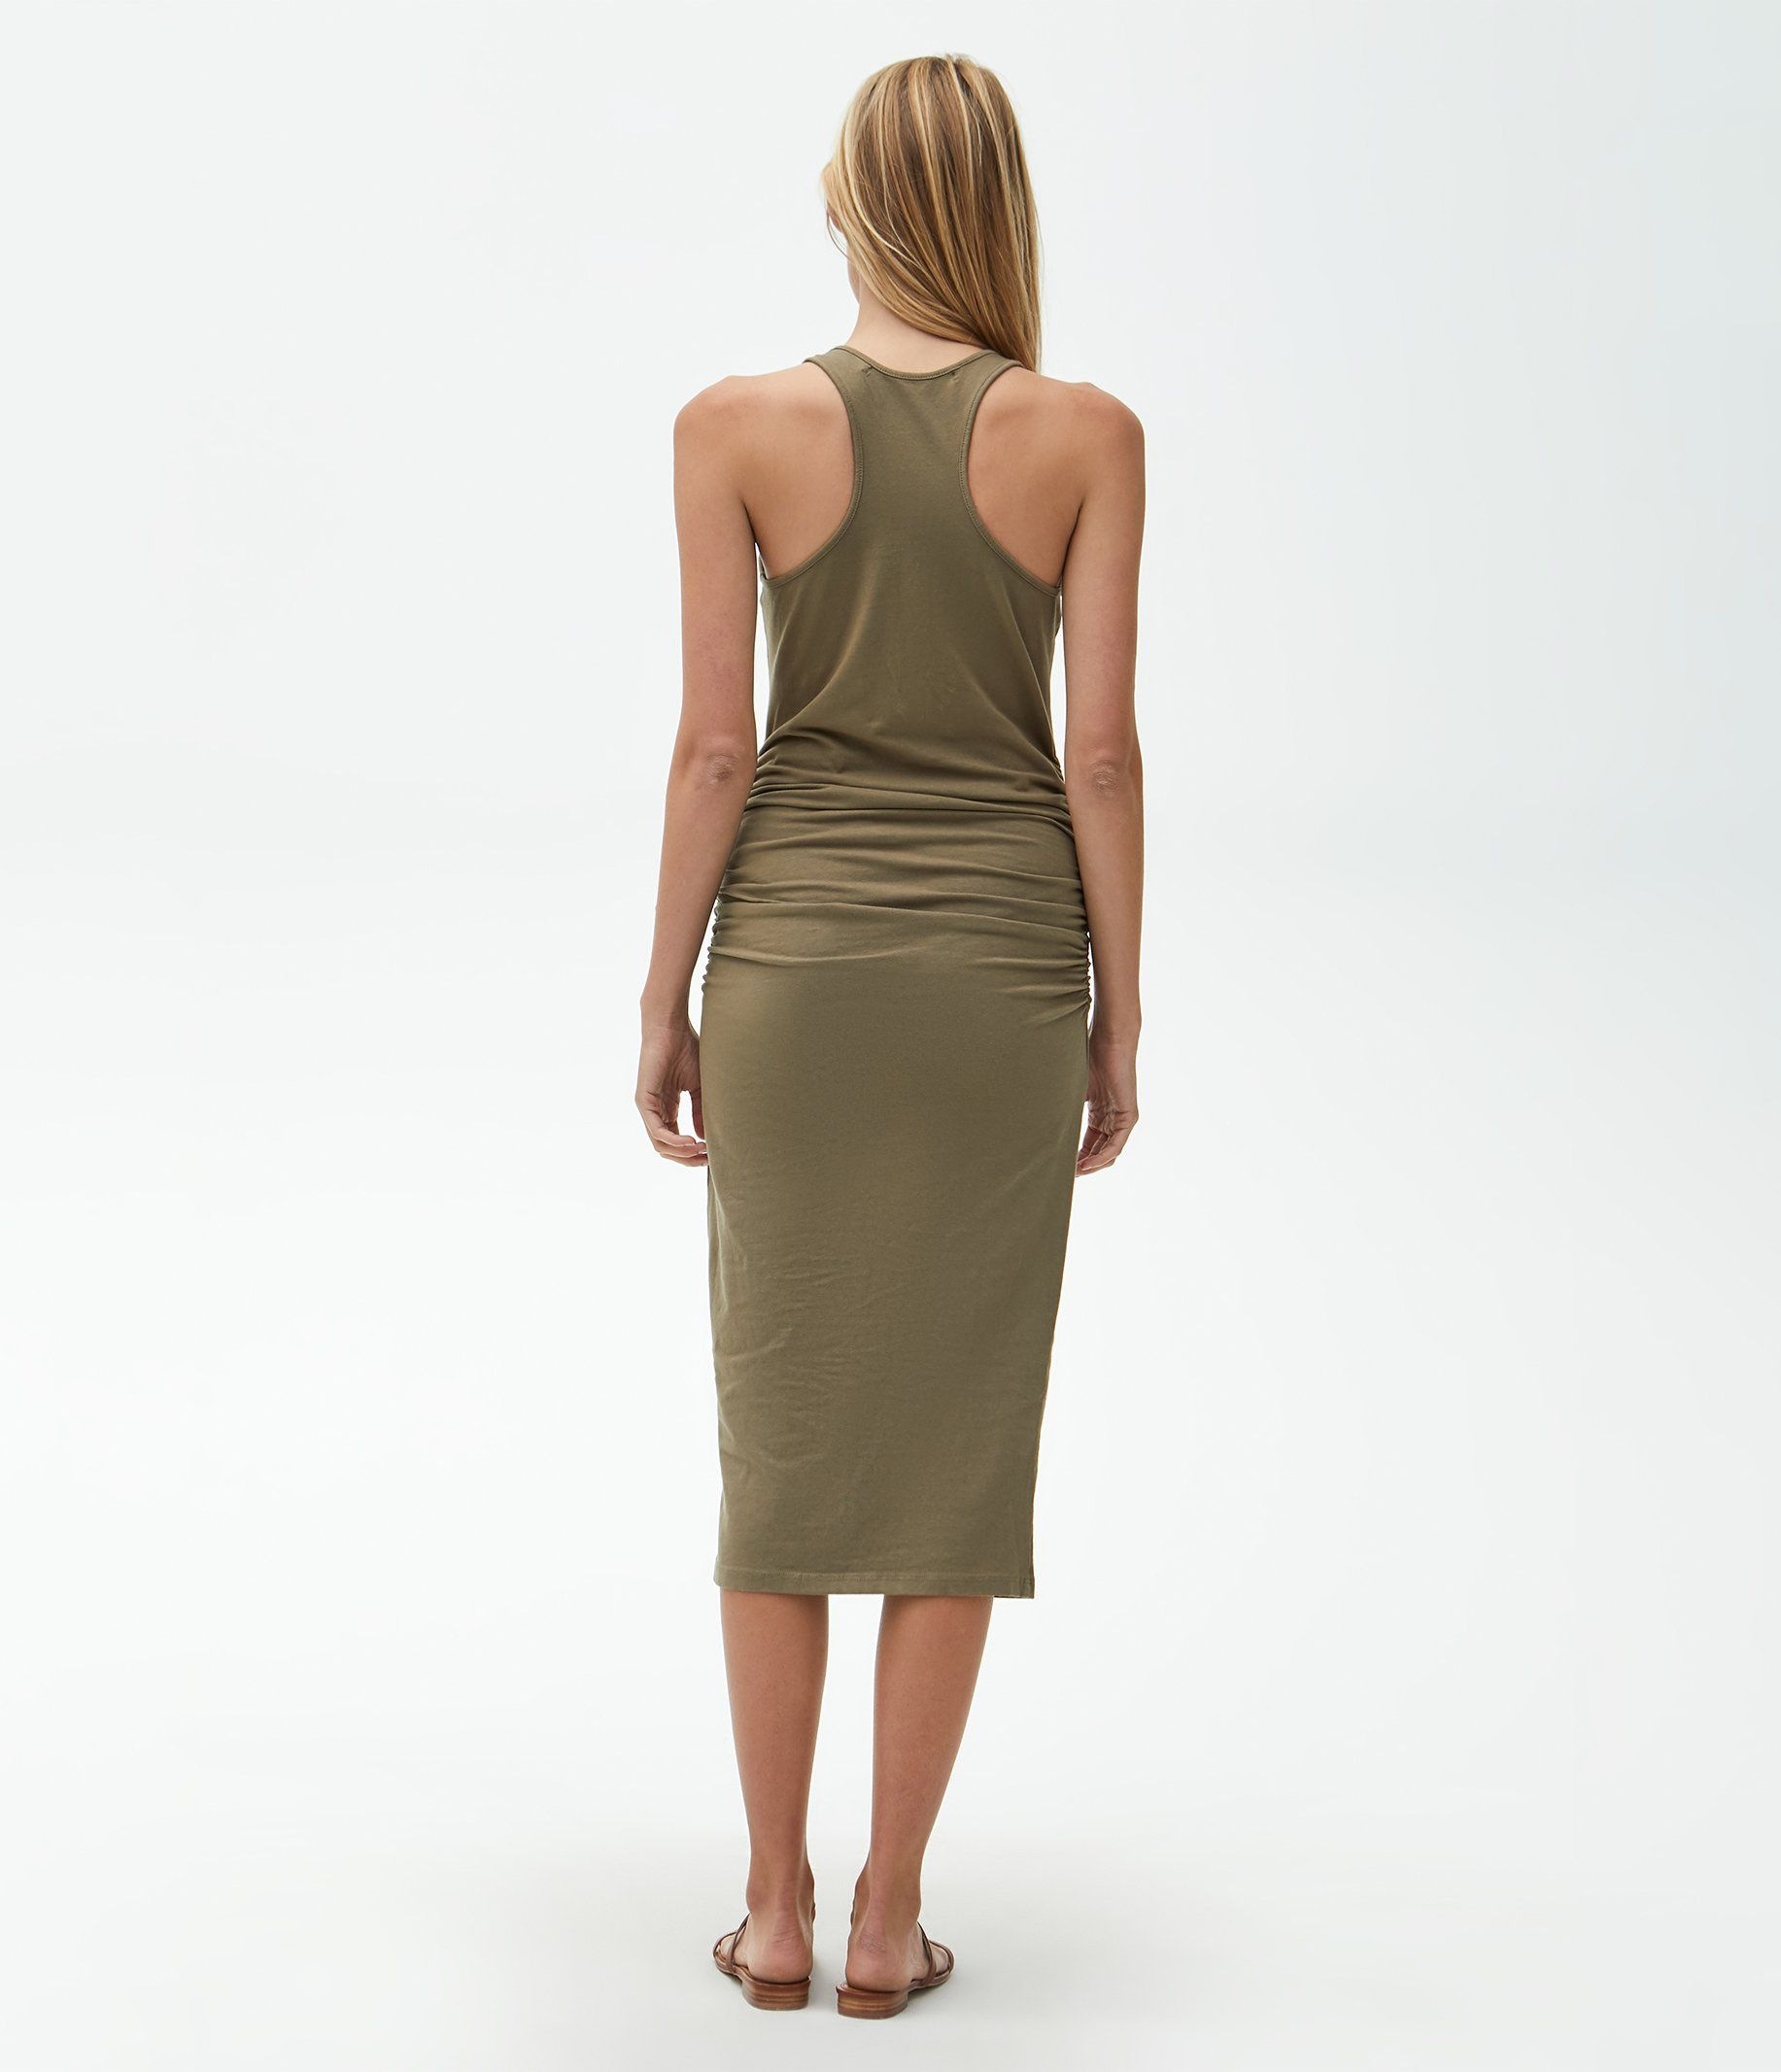 Racerback Midi Dress In 2020 Racerback Midi Dress Midi Dress Midi Dress Style [ 2133 x 1833 Pixel ]